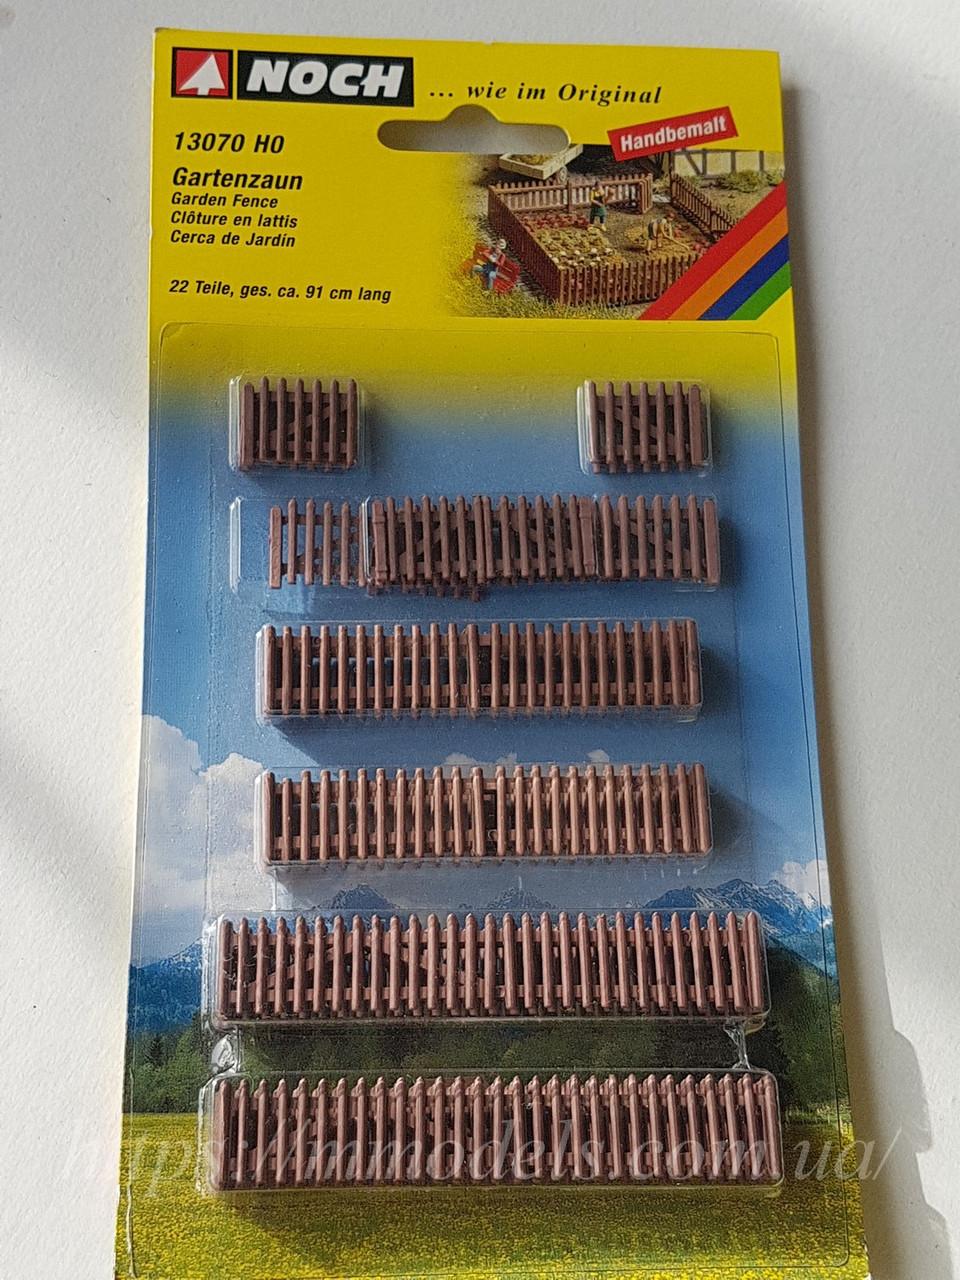 Комплект разных садовой изгороди для моделирования макета, масштаба H0, 1/87 Noch 13070